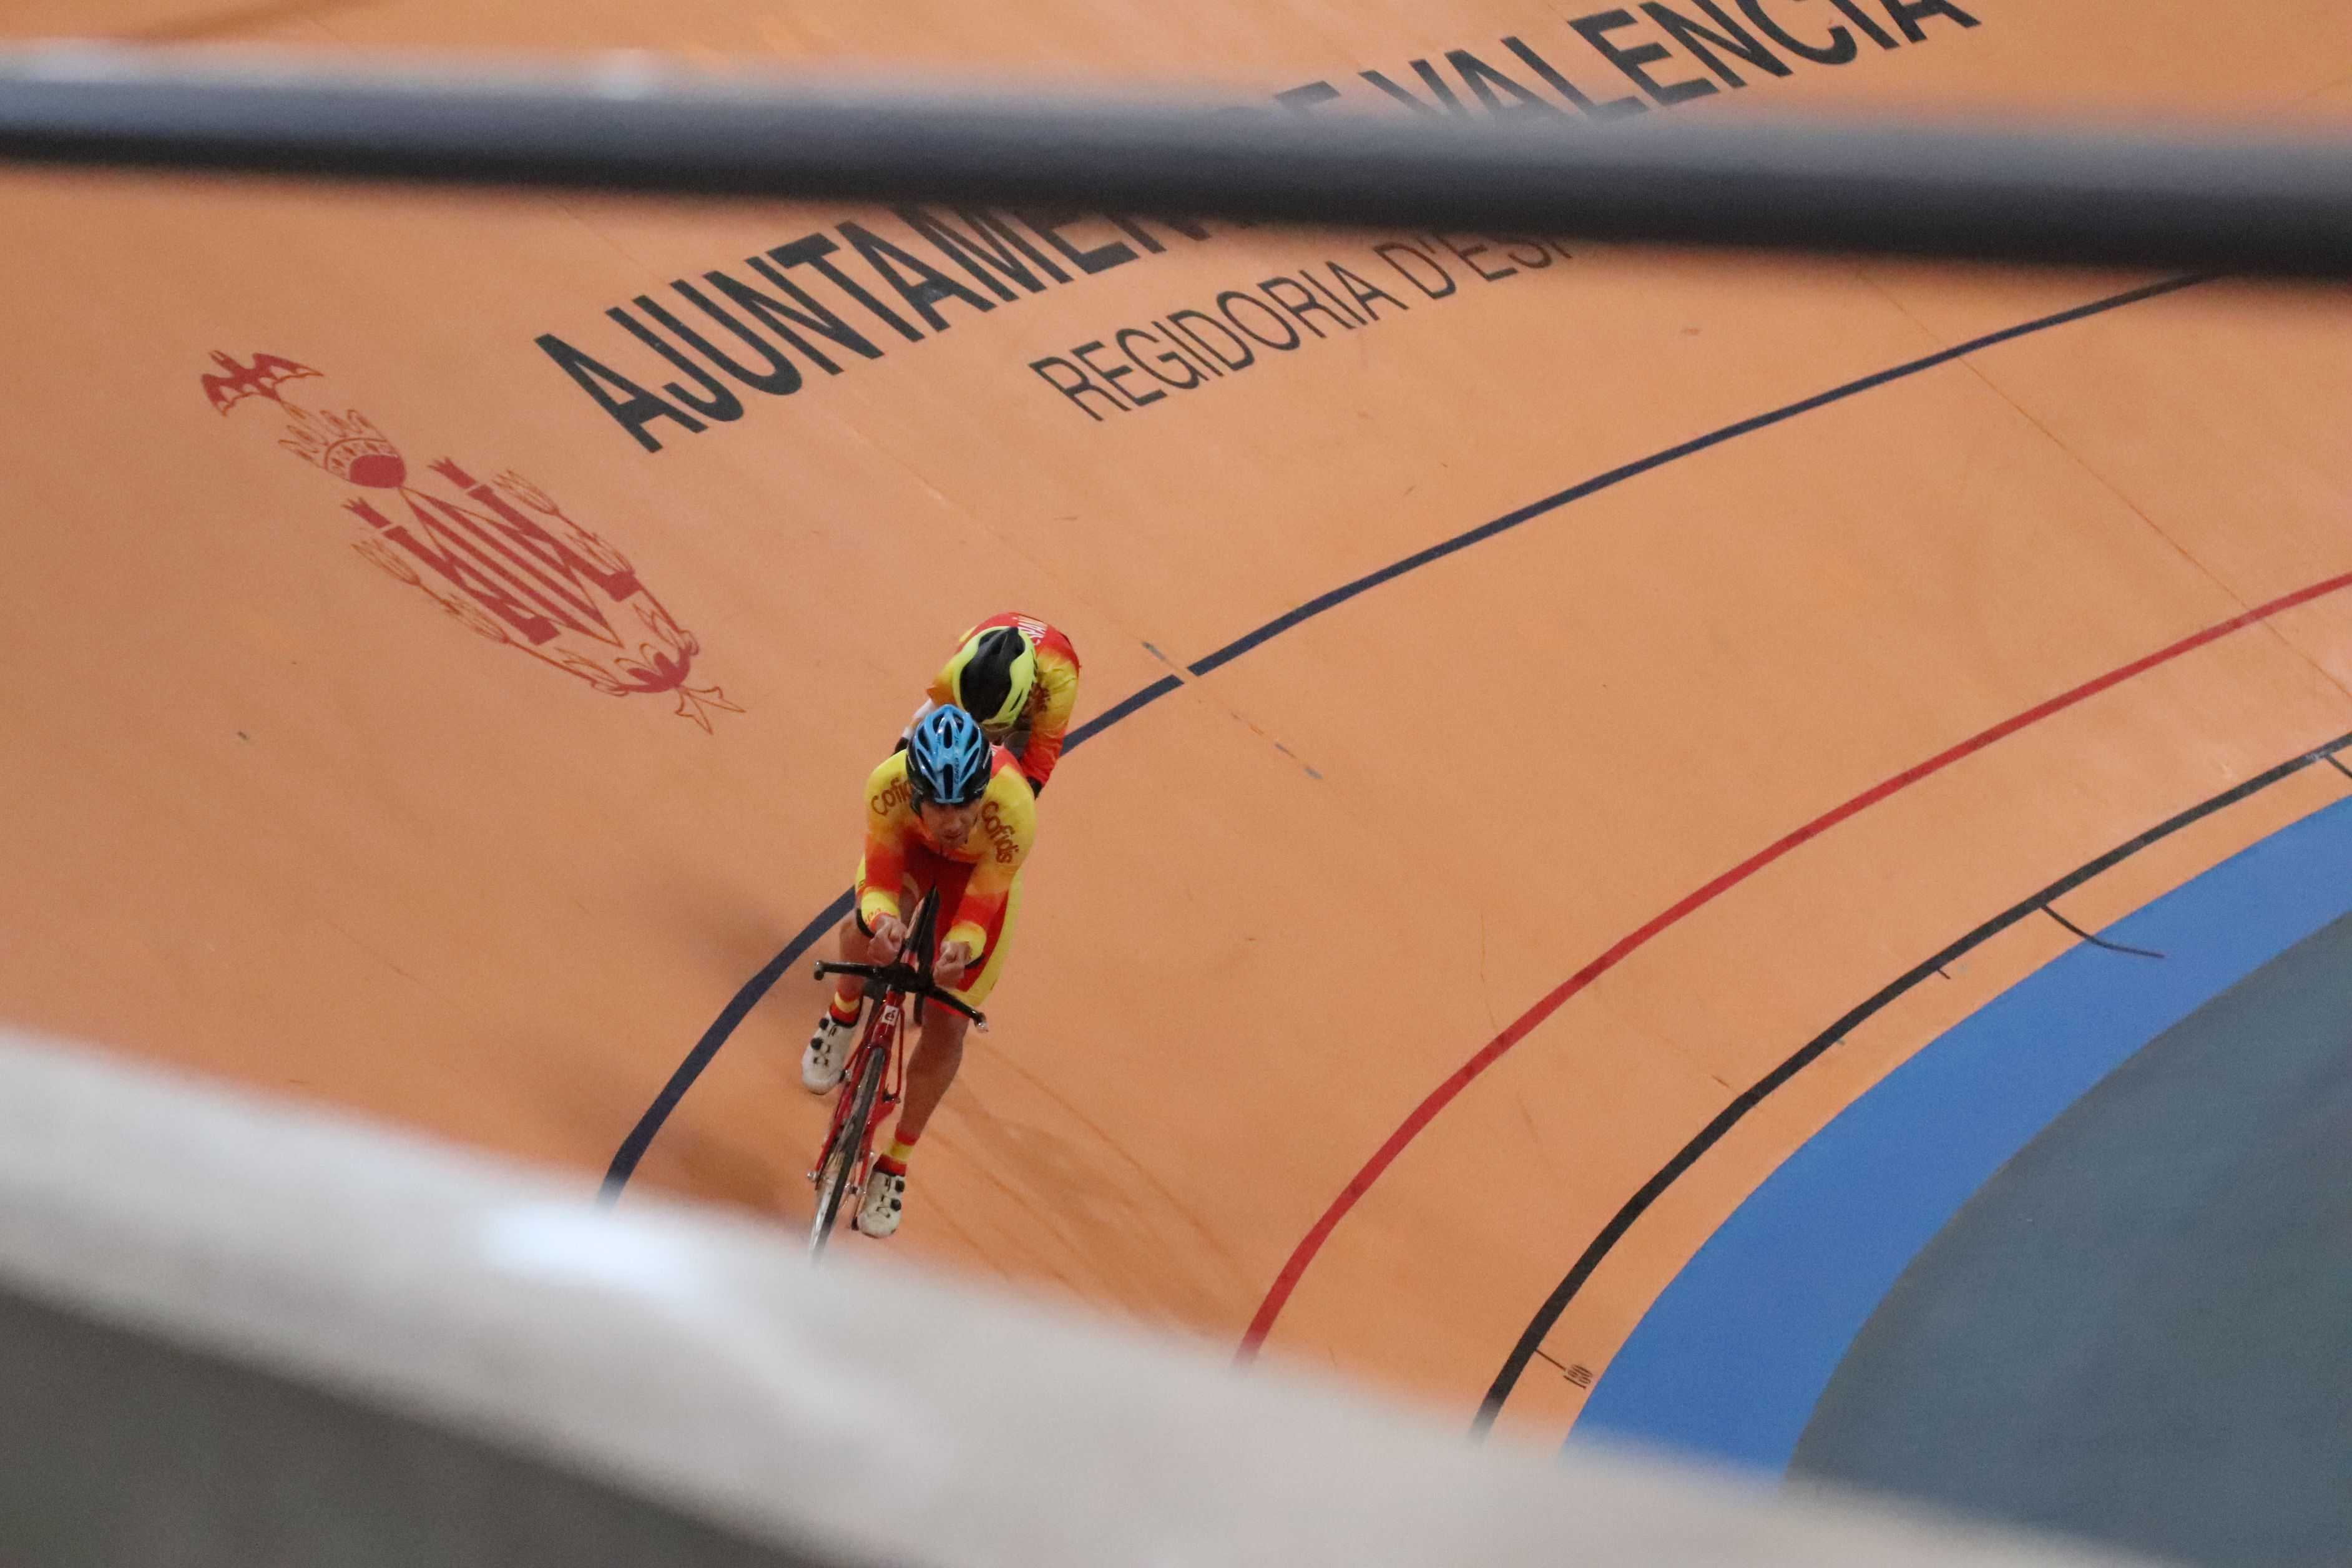 #TeamESPciclismo - Concentración Ciclismo Adaptado, preparación JJPP - 8 al 14 de marzo 2021